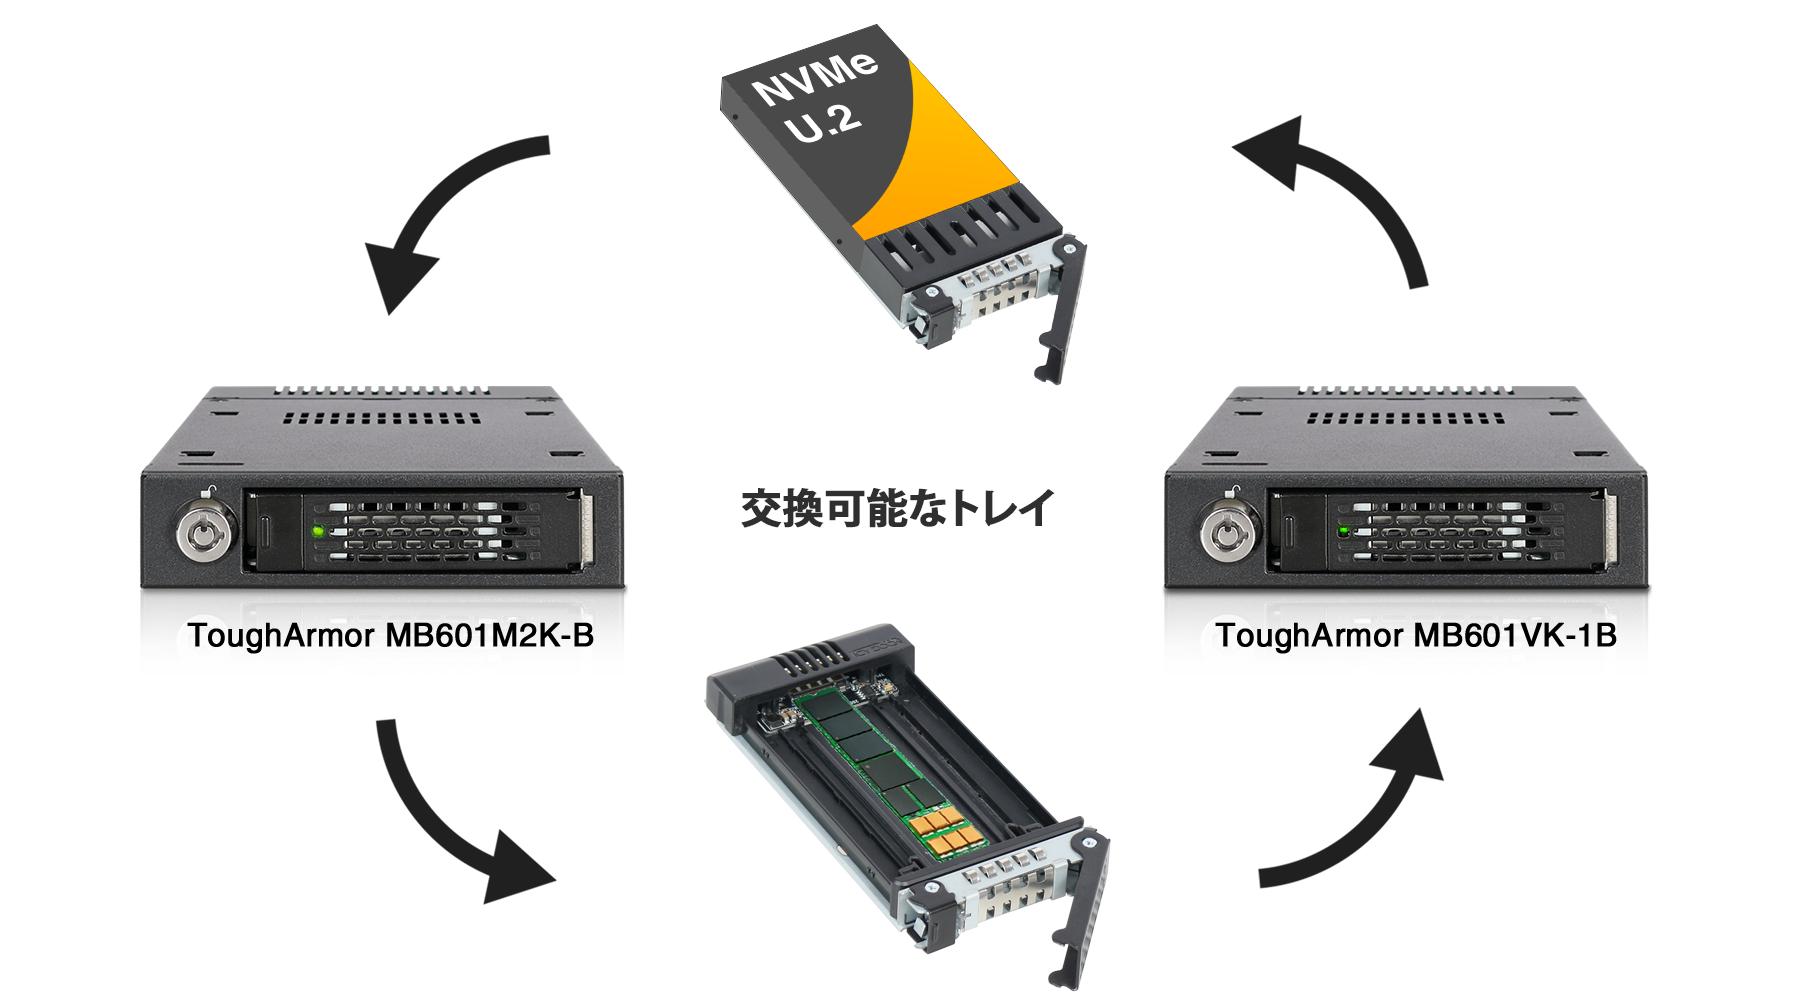 mb601vk-1b MB601M2K-1B との互換性